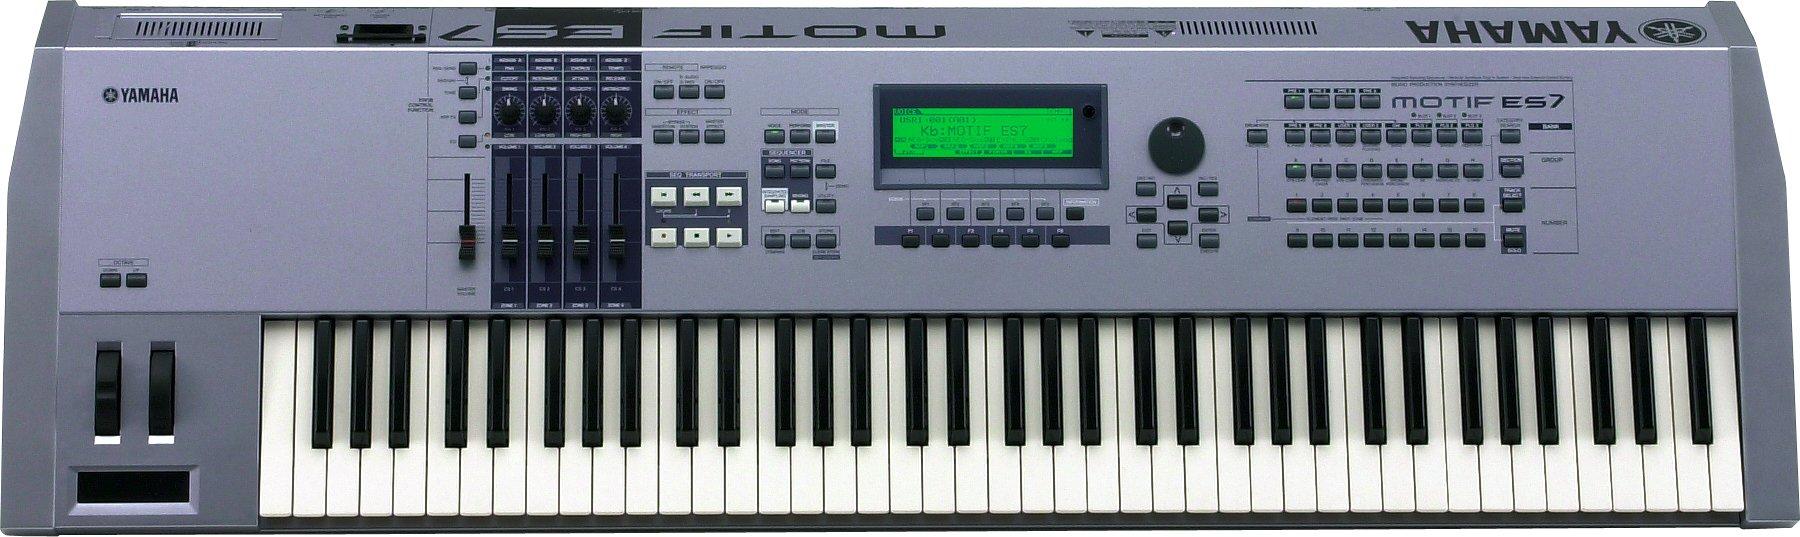 Yamaha motif es7 music production synthesizer yamaha encyclotronic.